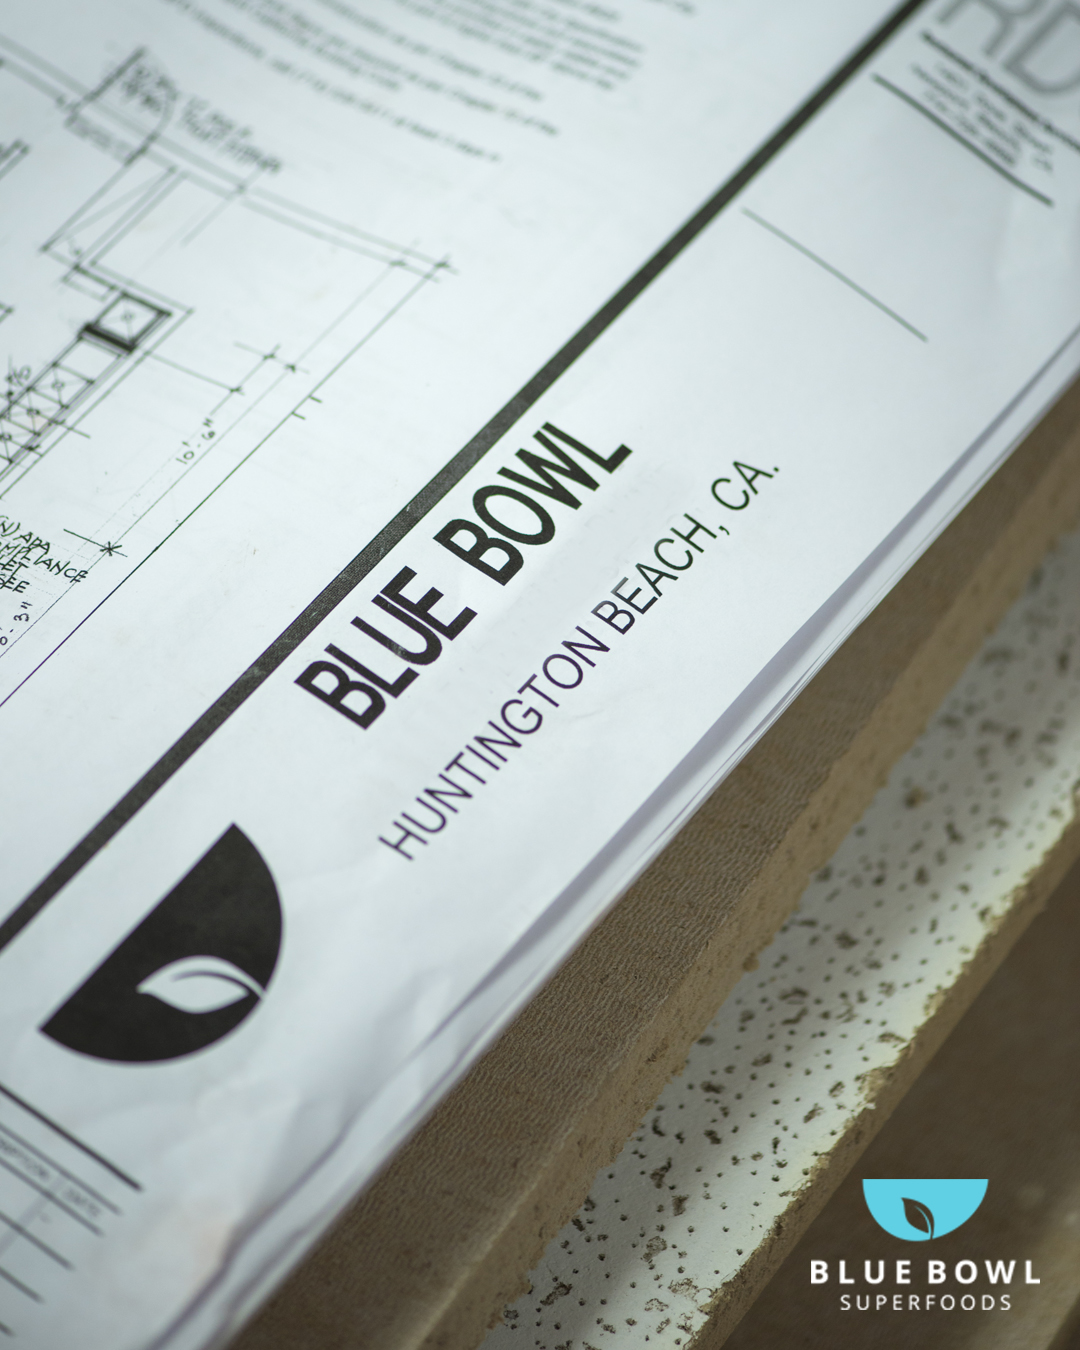 BlueBowl-IG-062718-HBconstruction02.jpg